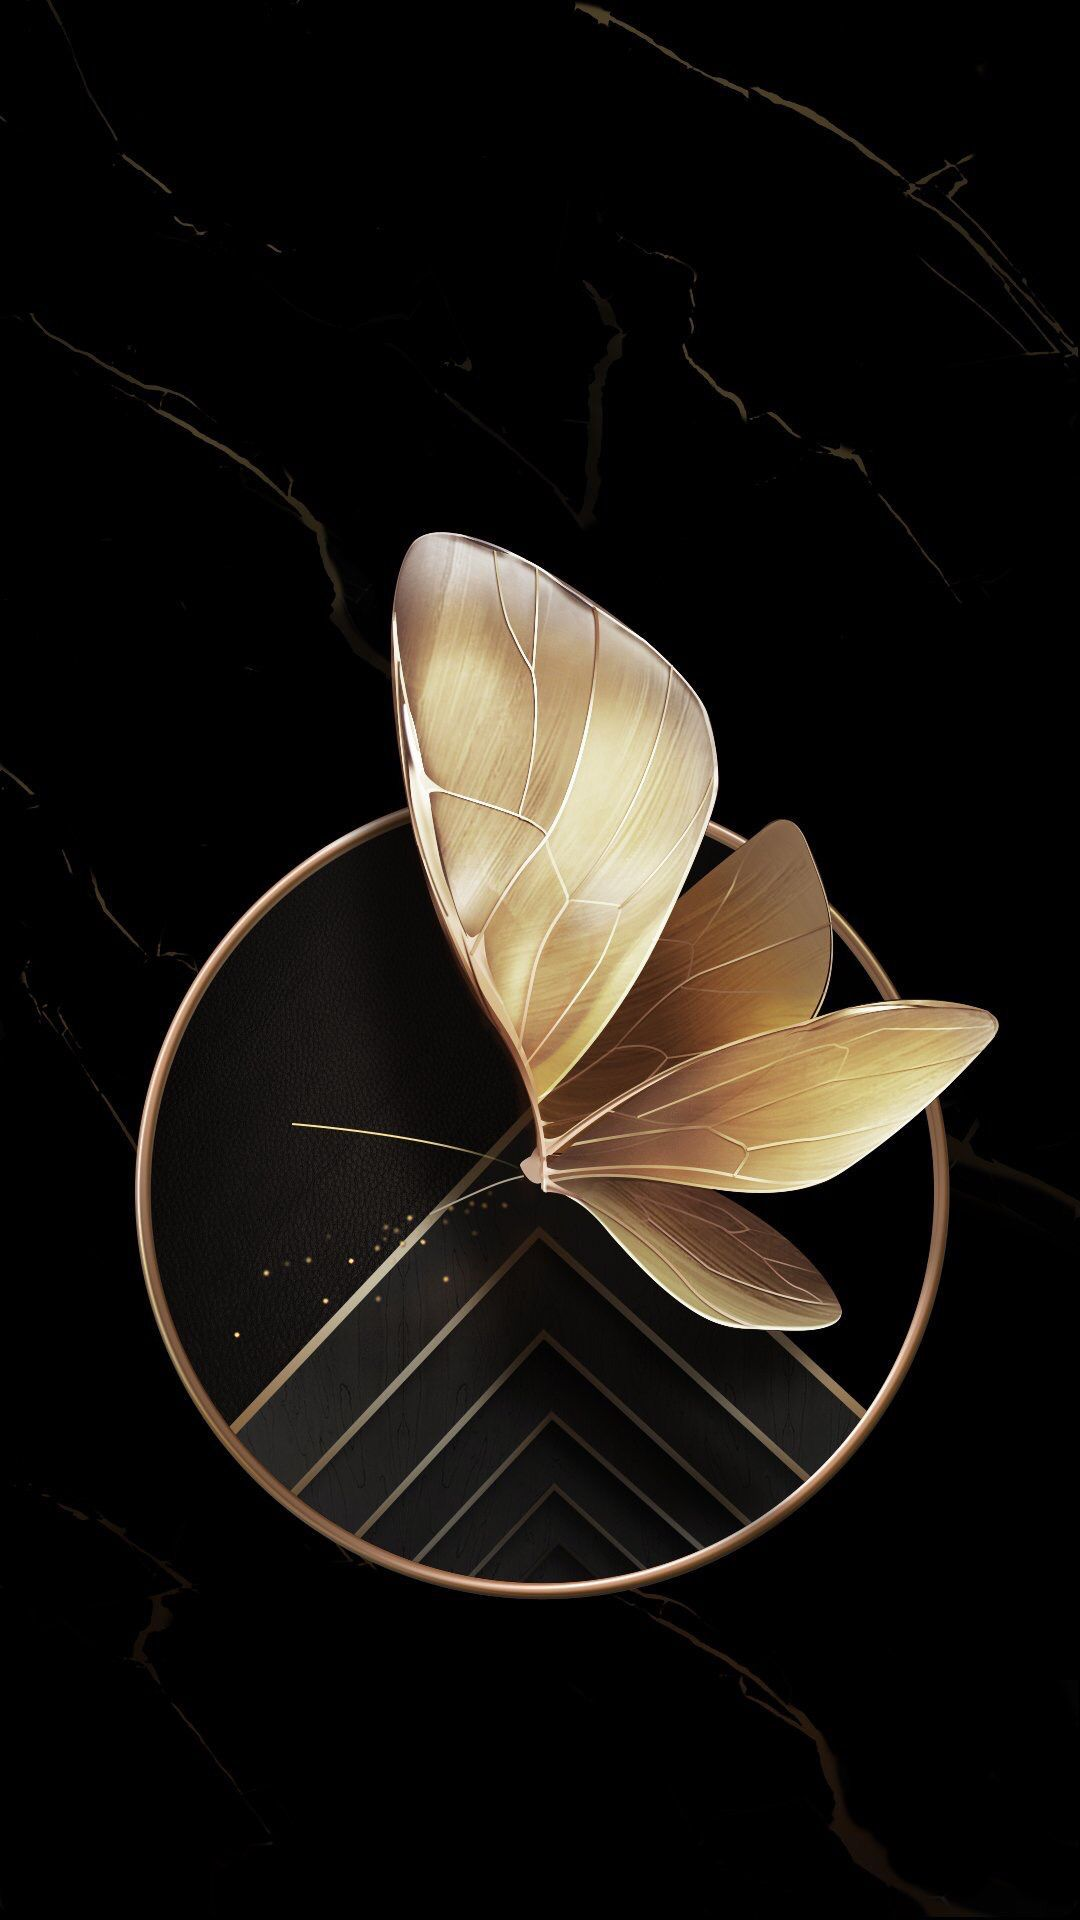 Or Et Noir Black And Gold Aesthetic Black Wallpaper Cellphone Wallpaper